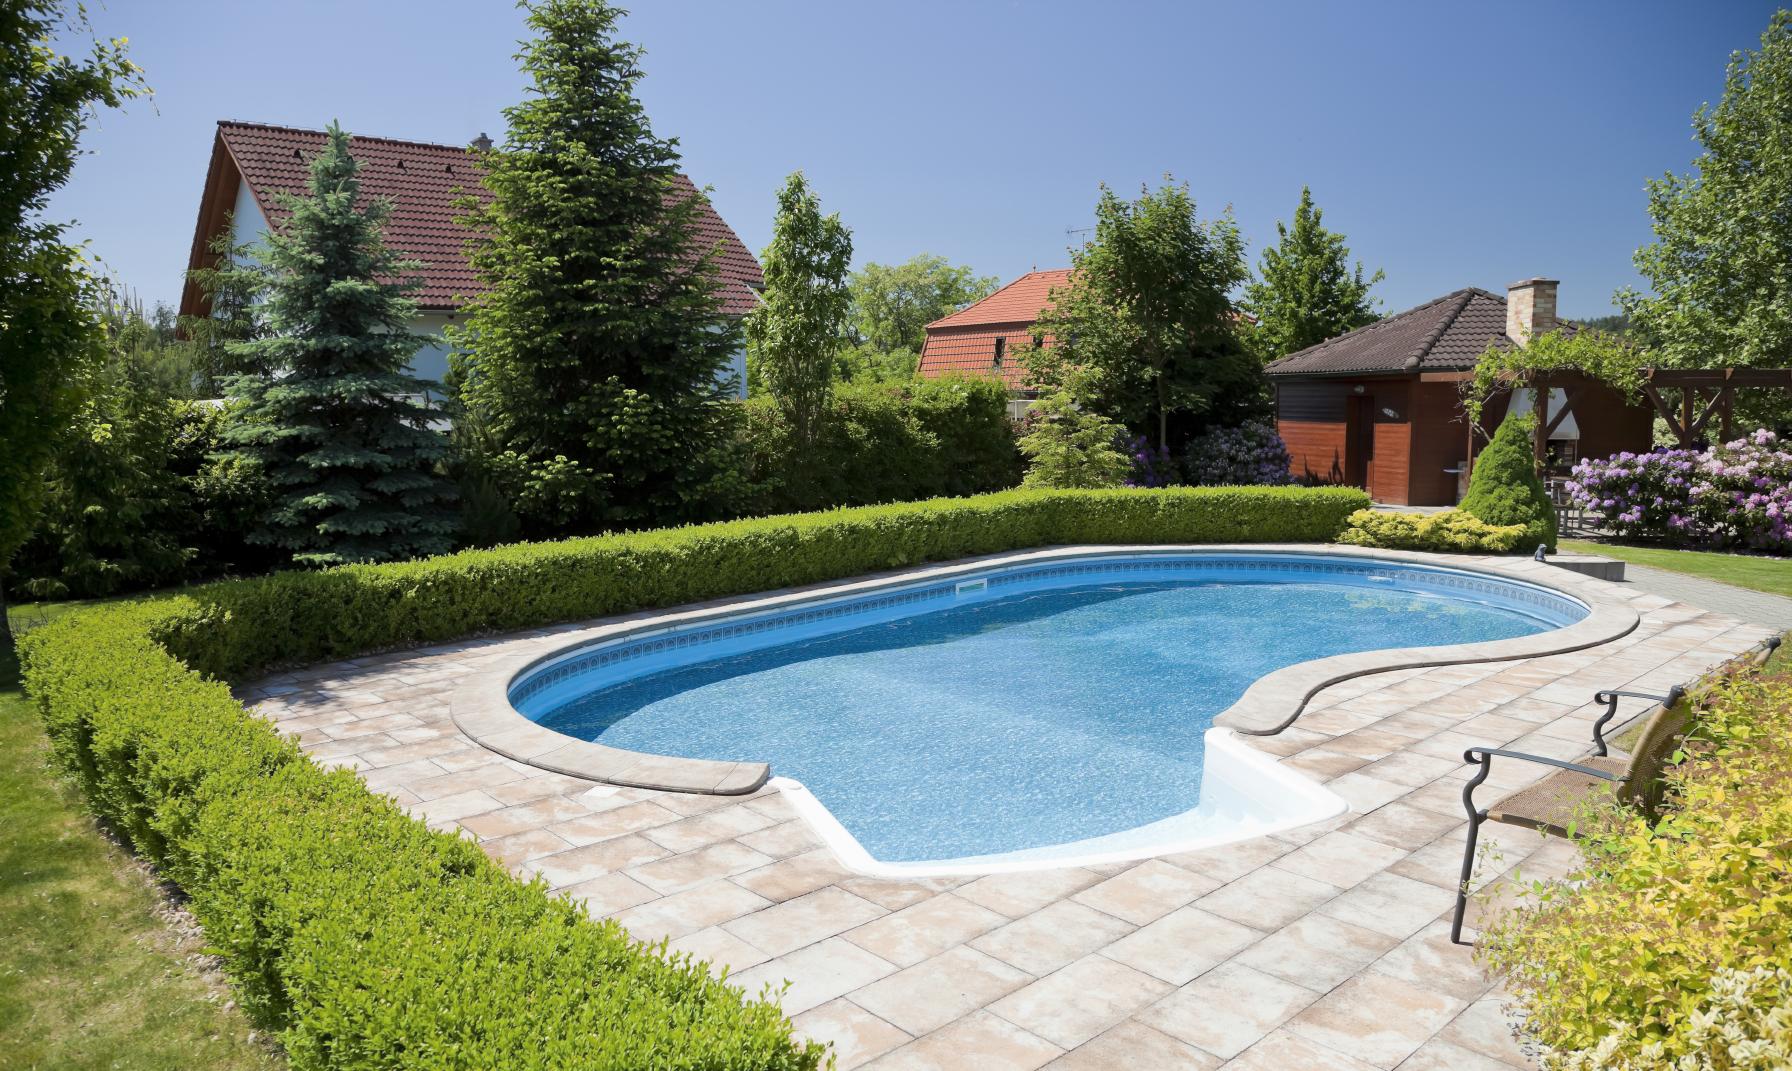 Pool Image 4.jpg